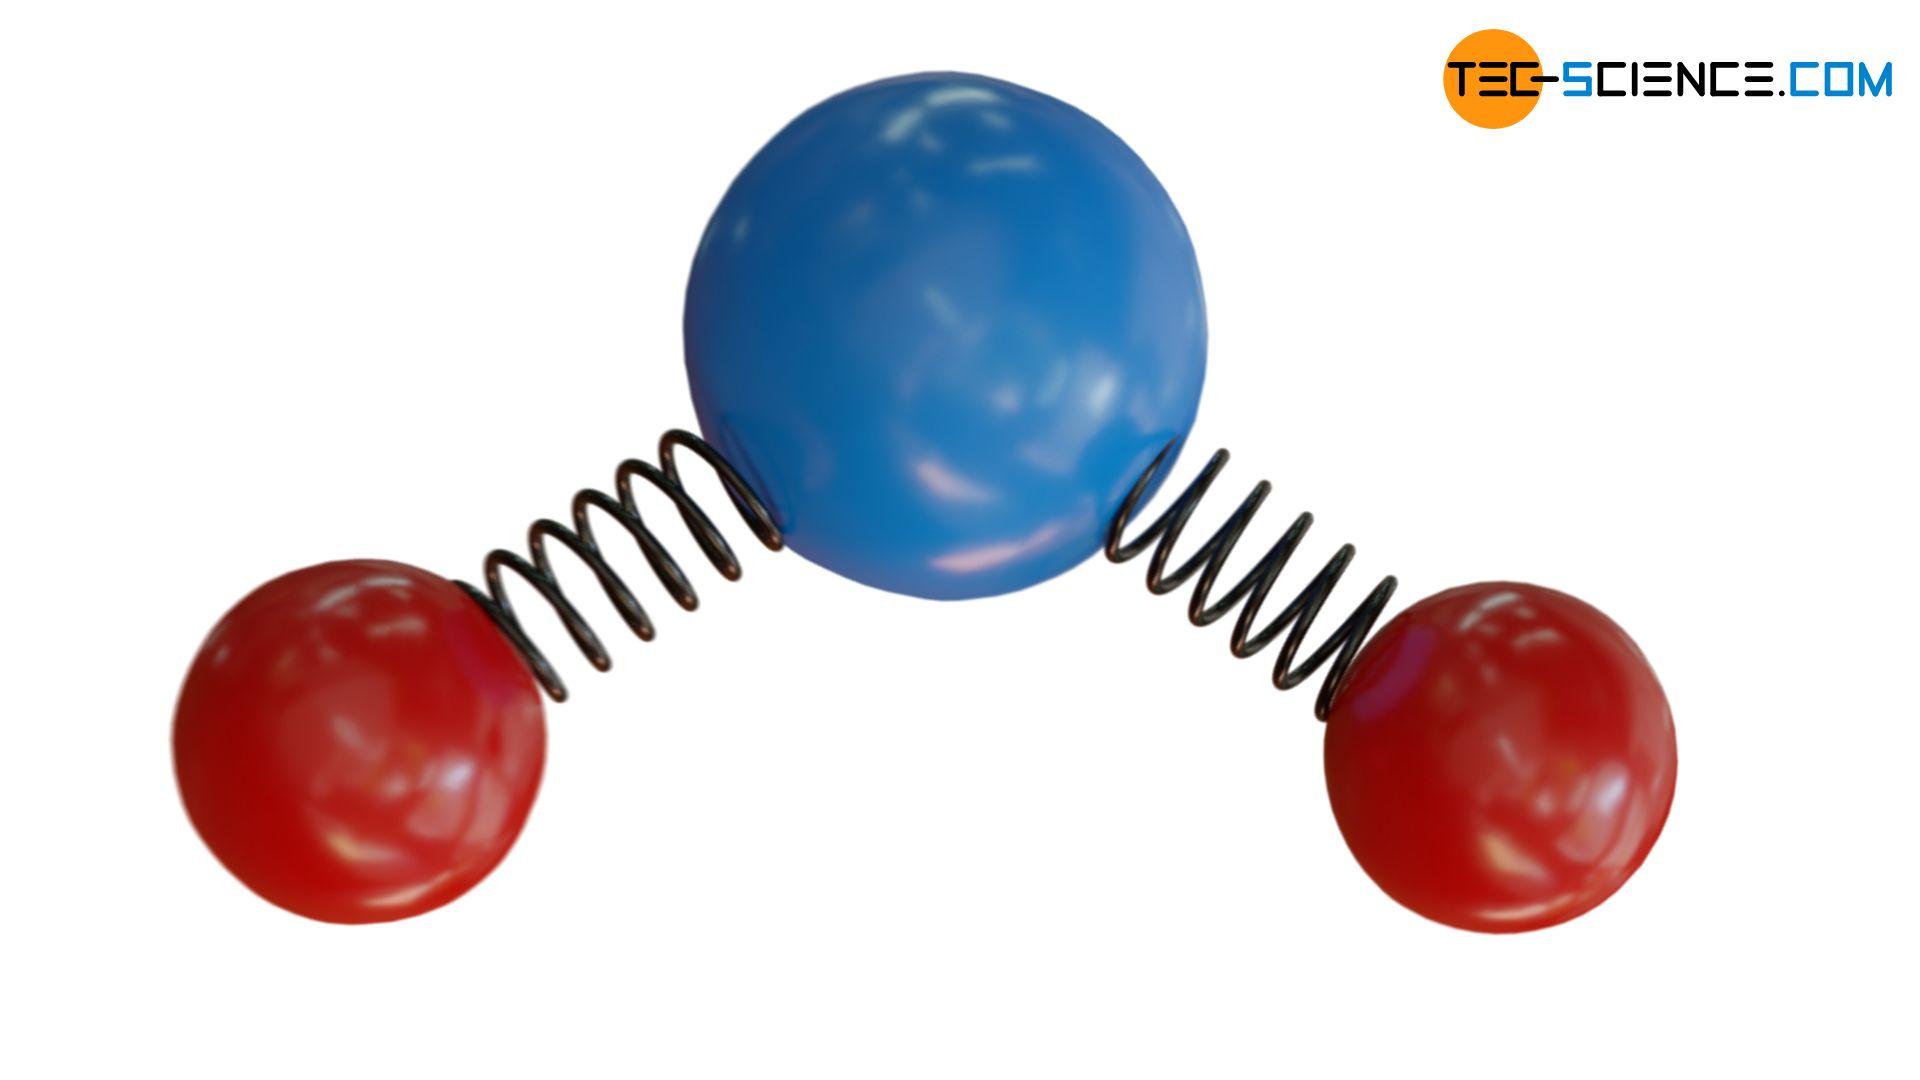 Schematische Darstellung eines Moleküls